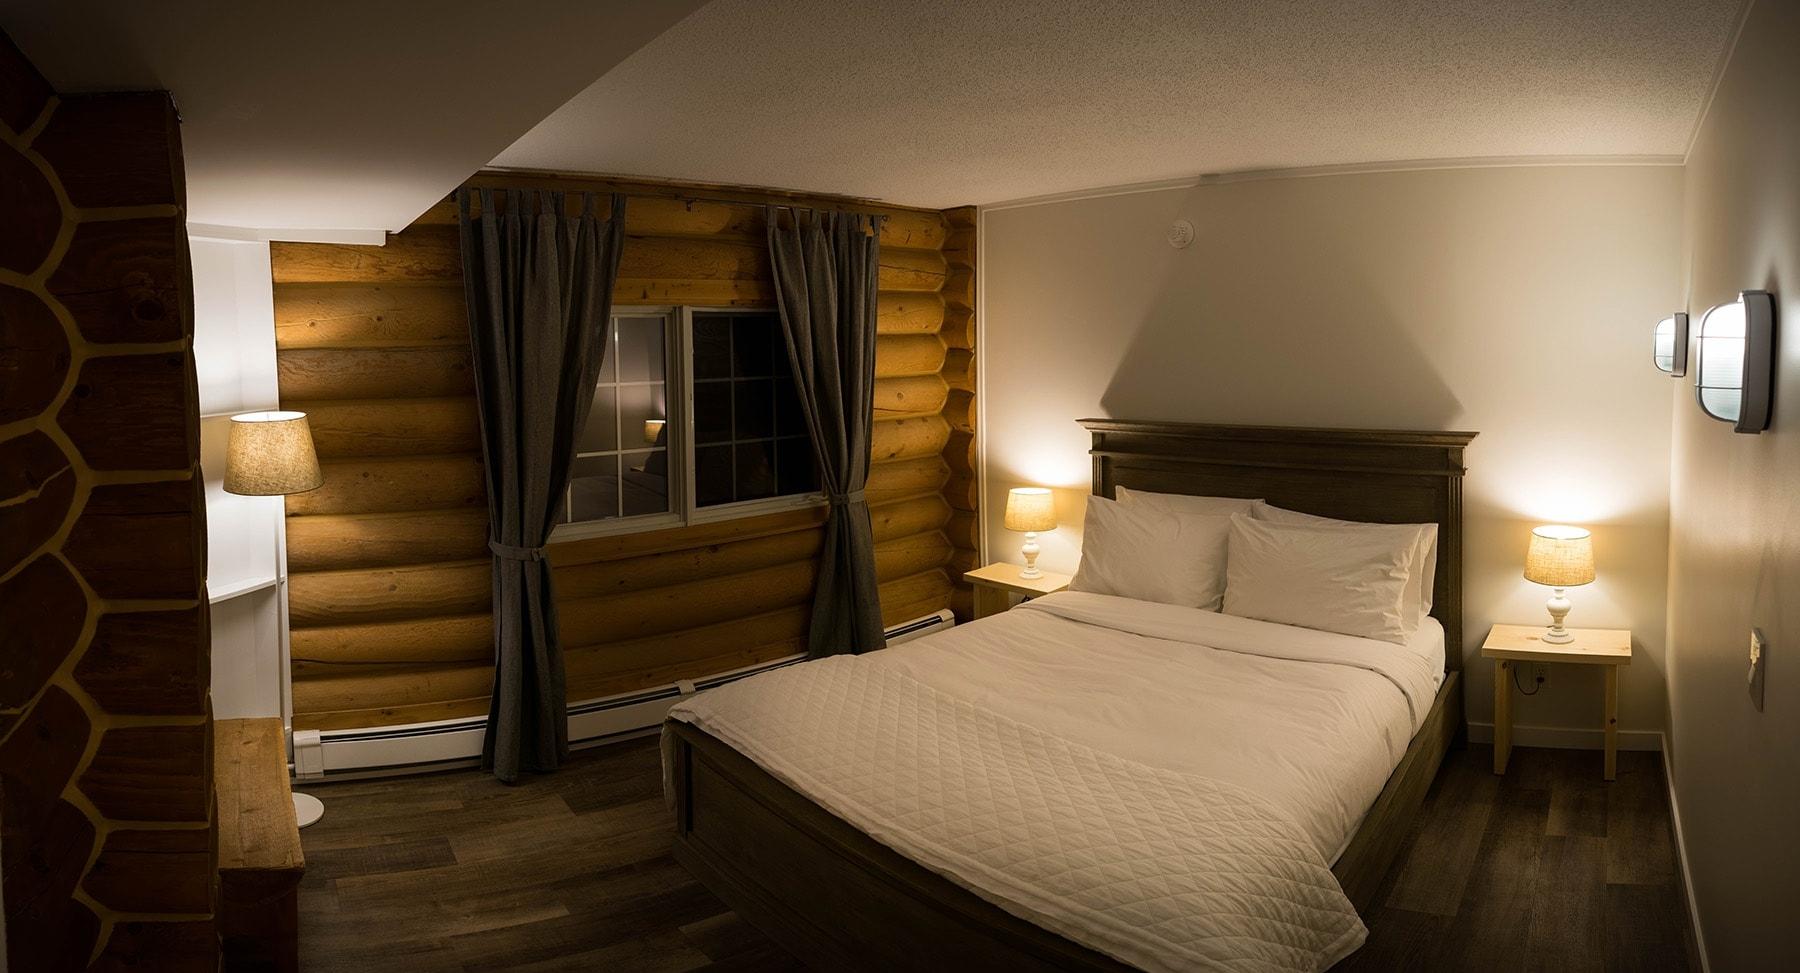 queen-room-b&b-golden-bc.jpg